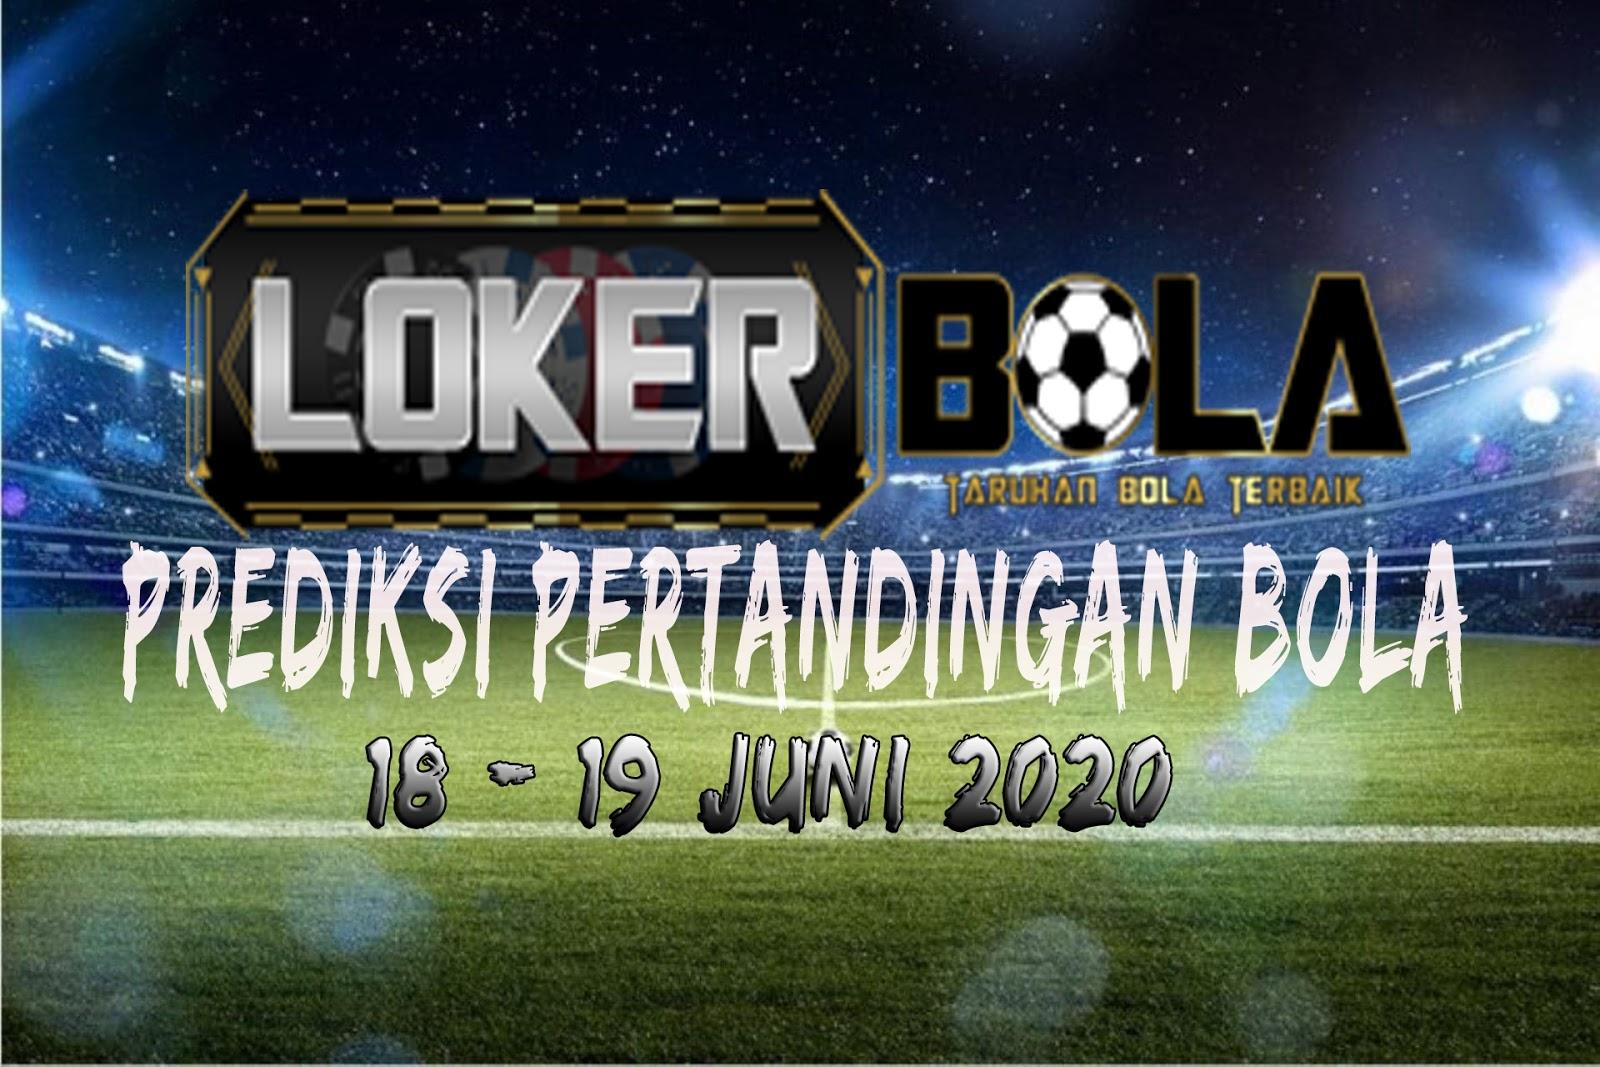 PREDIKSI PERTANDINGAN BOLA 18 – 19 June 2020